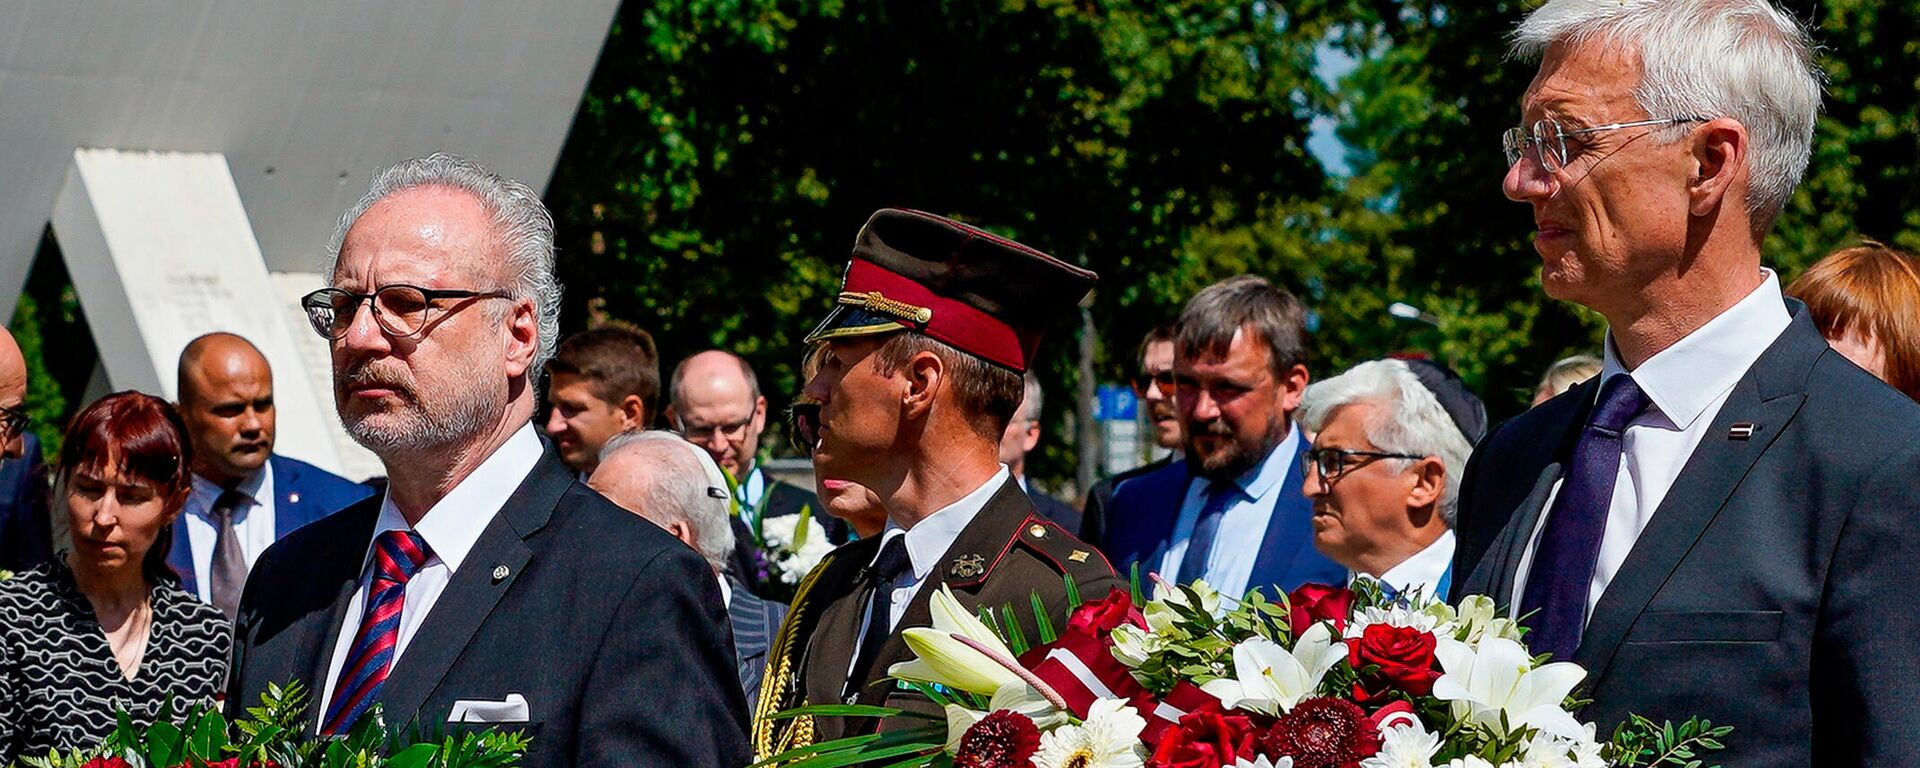 Президент Латвии Эгилс Левитс(слева) и премьер-министр Латвии Кришьянис Кариньш(справа) - Sputnik Latvija, 1920, 20.07.2021